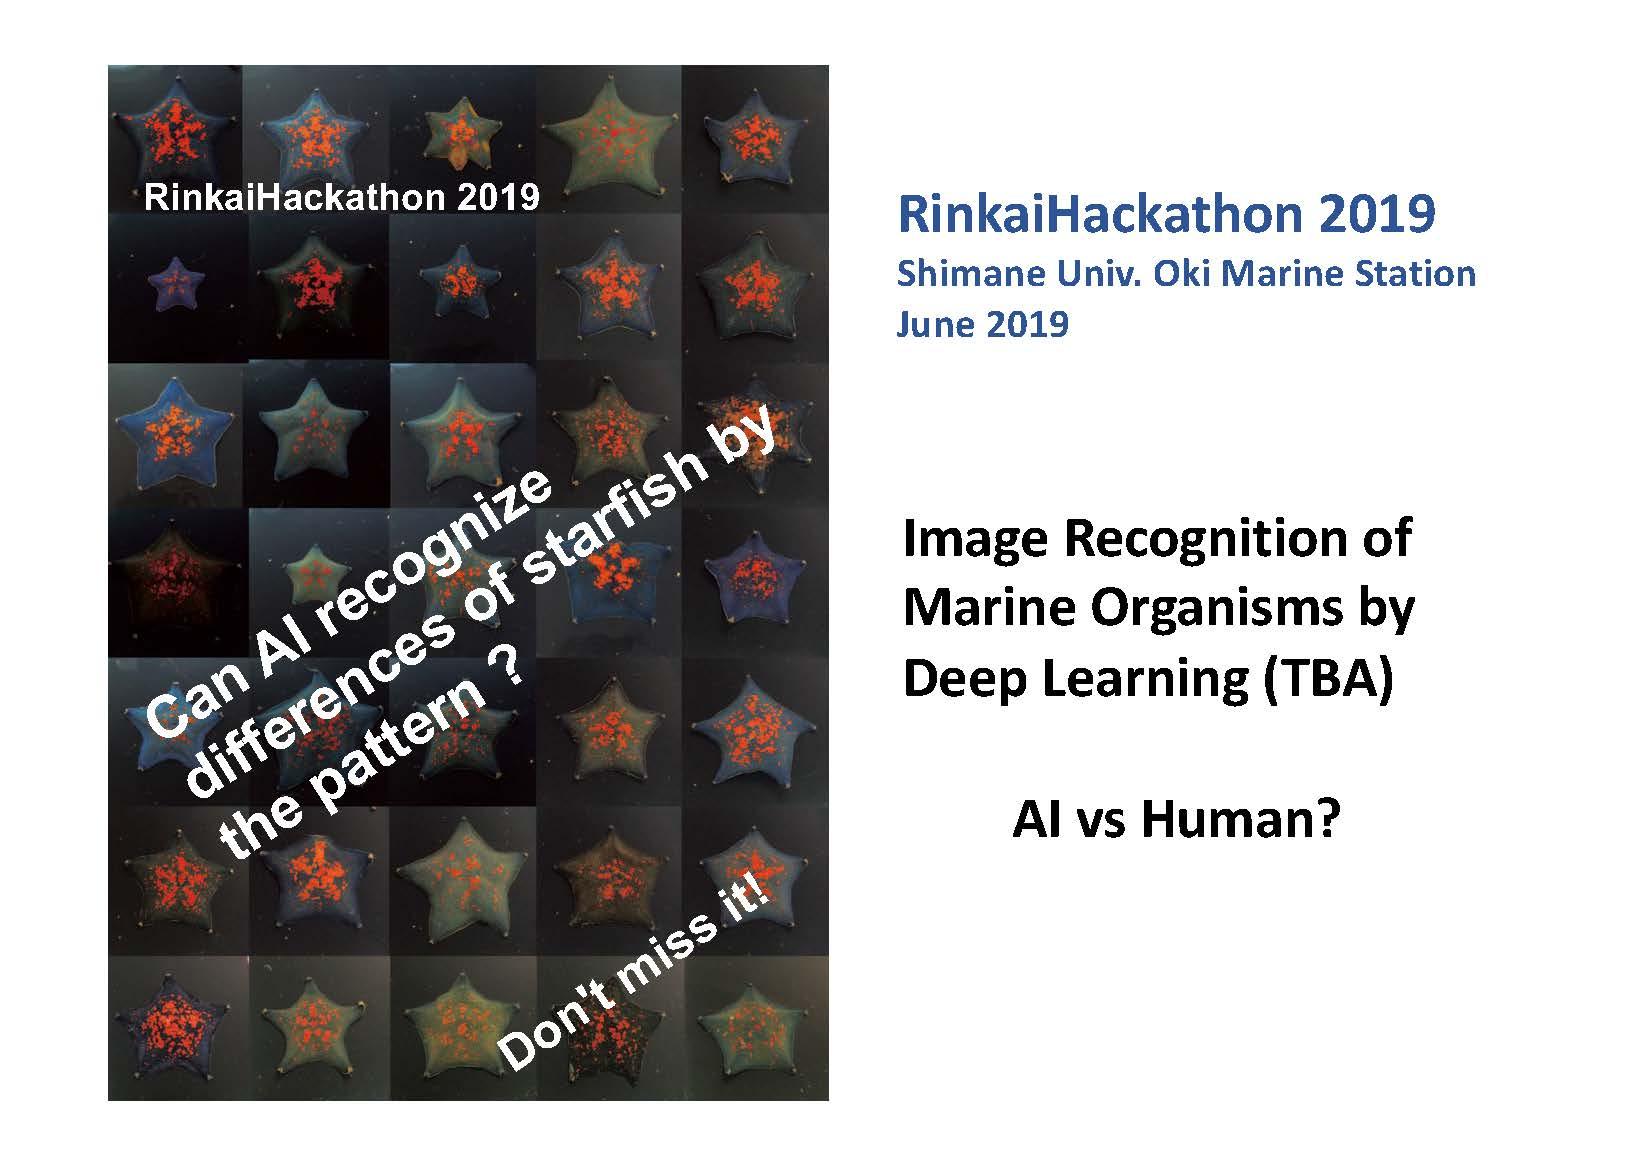 Rinkai Hackathon information page 9